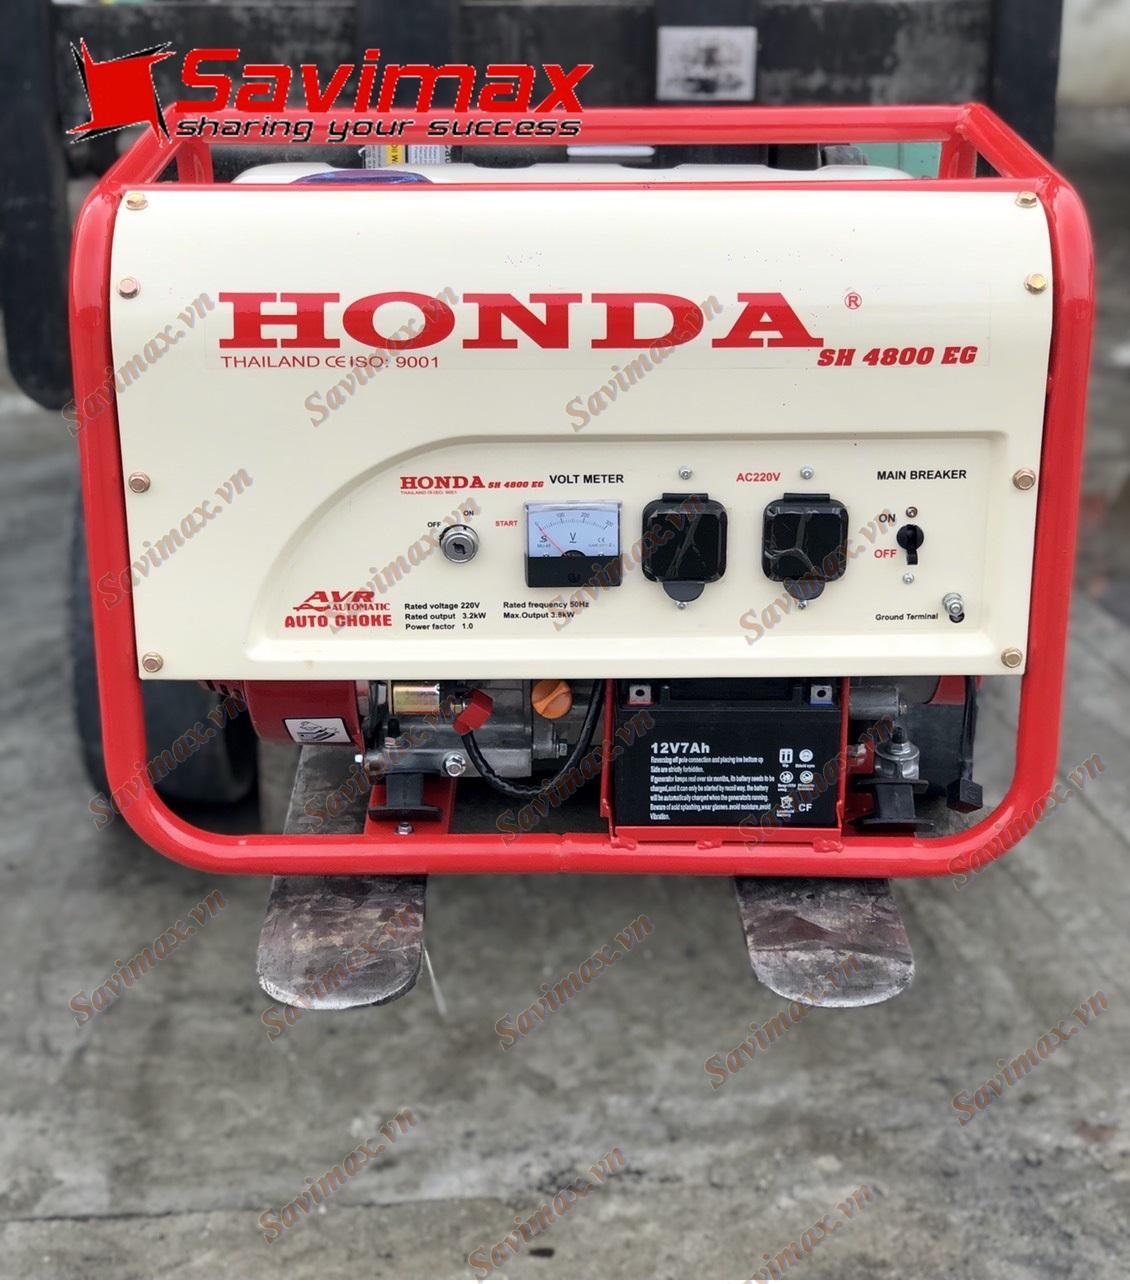 Máy phát điện 3.8kw chạy xăng Honda SH4800EG đề nổ nhập Thái